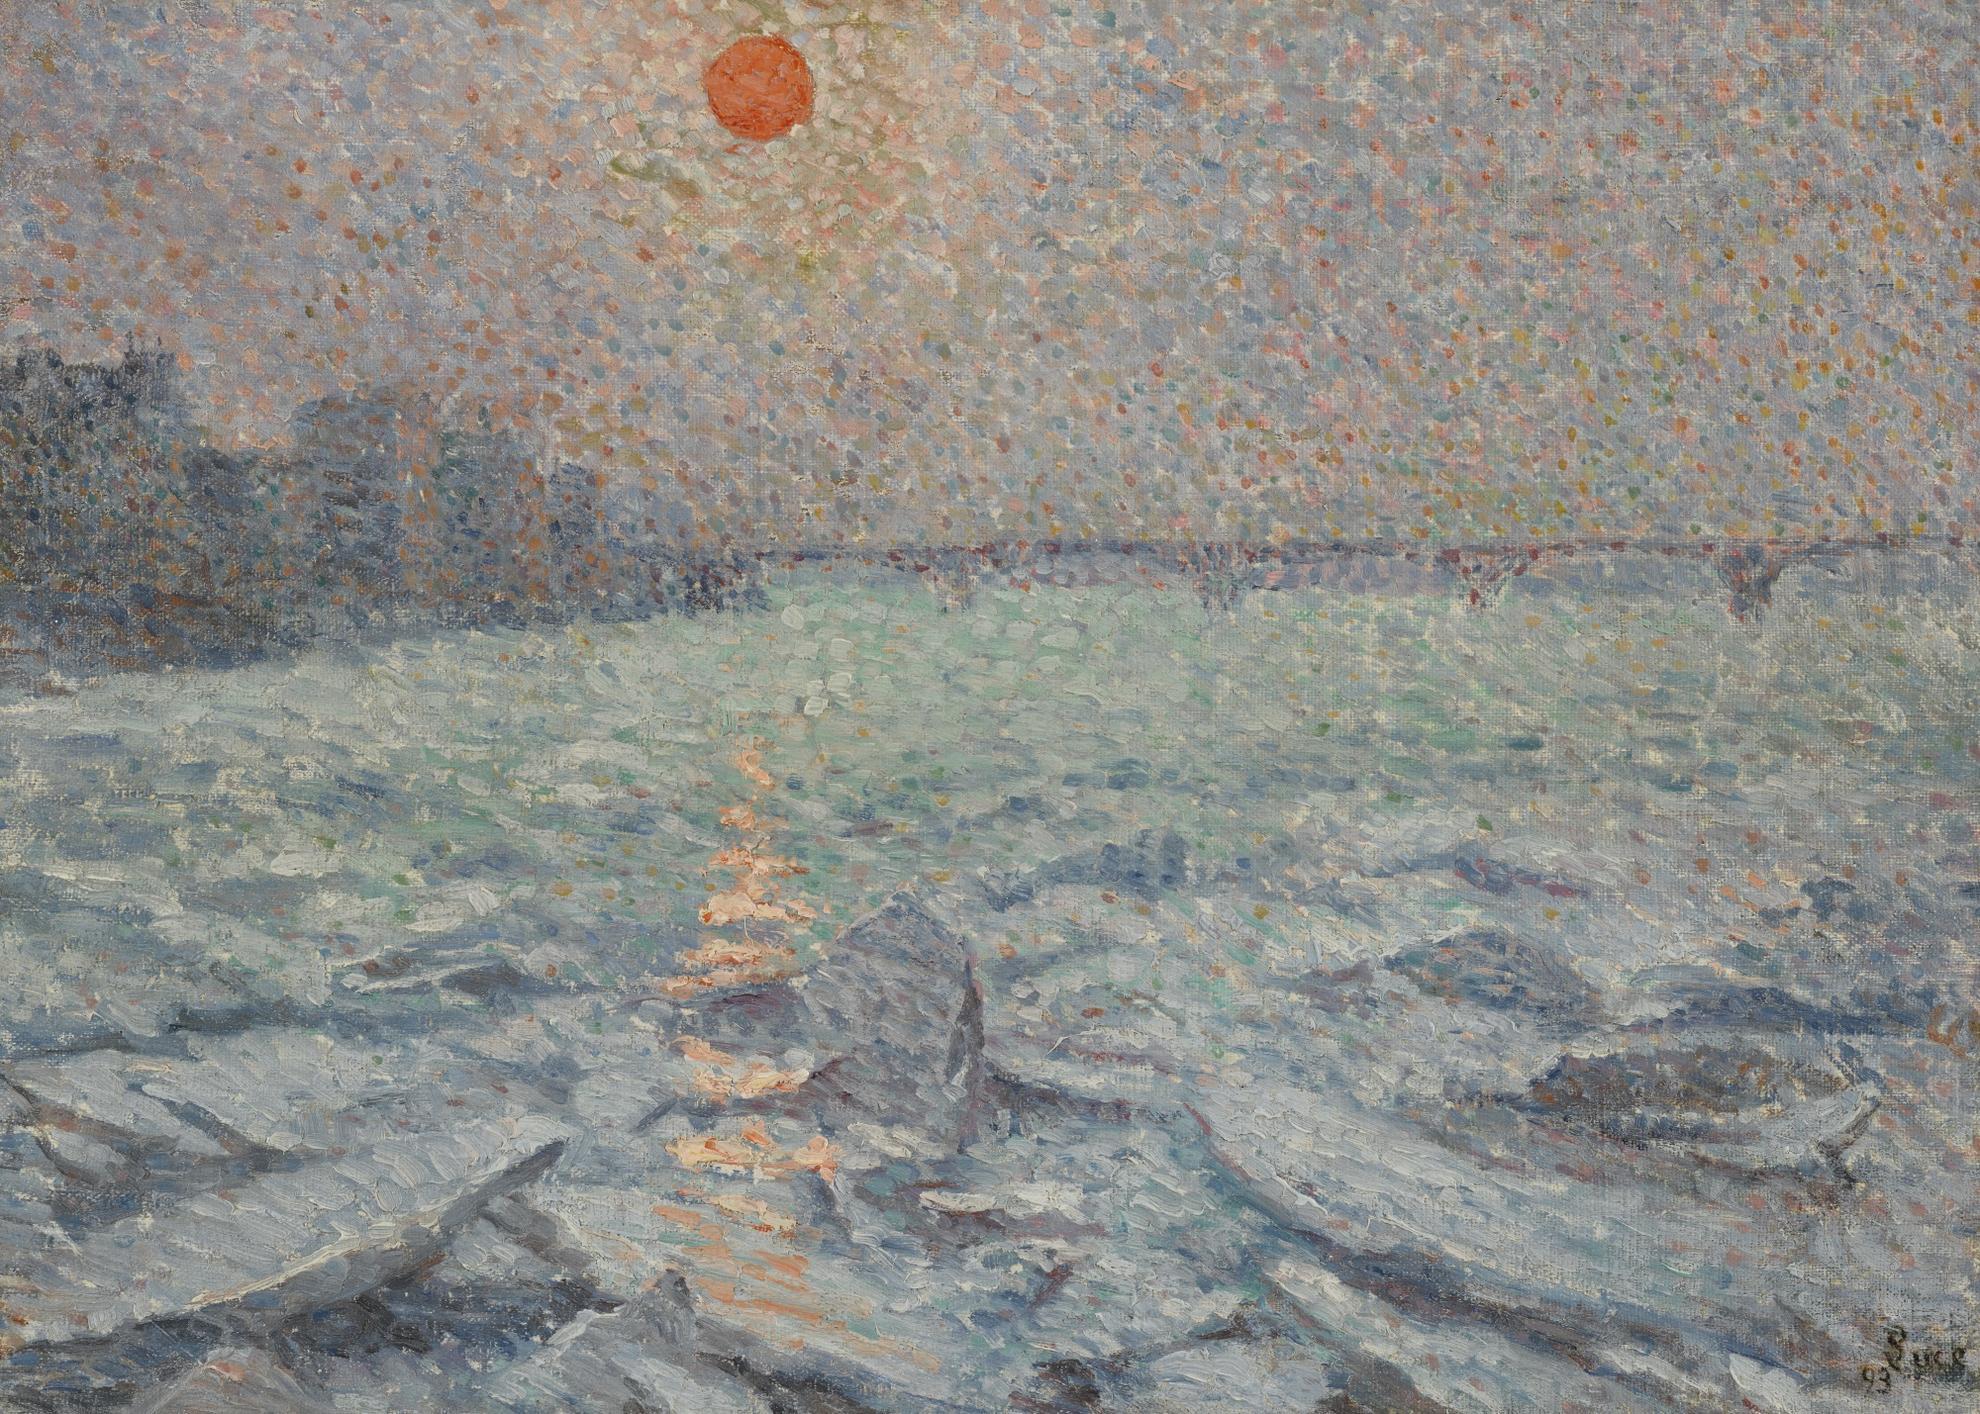 Maximilien Luce-Soleil Sur La Tamise, Effet De Givre-1893